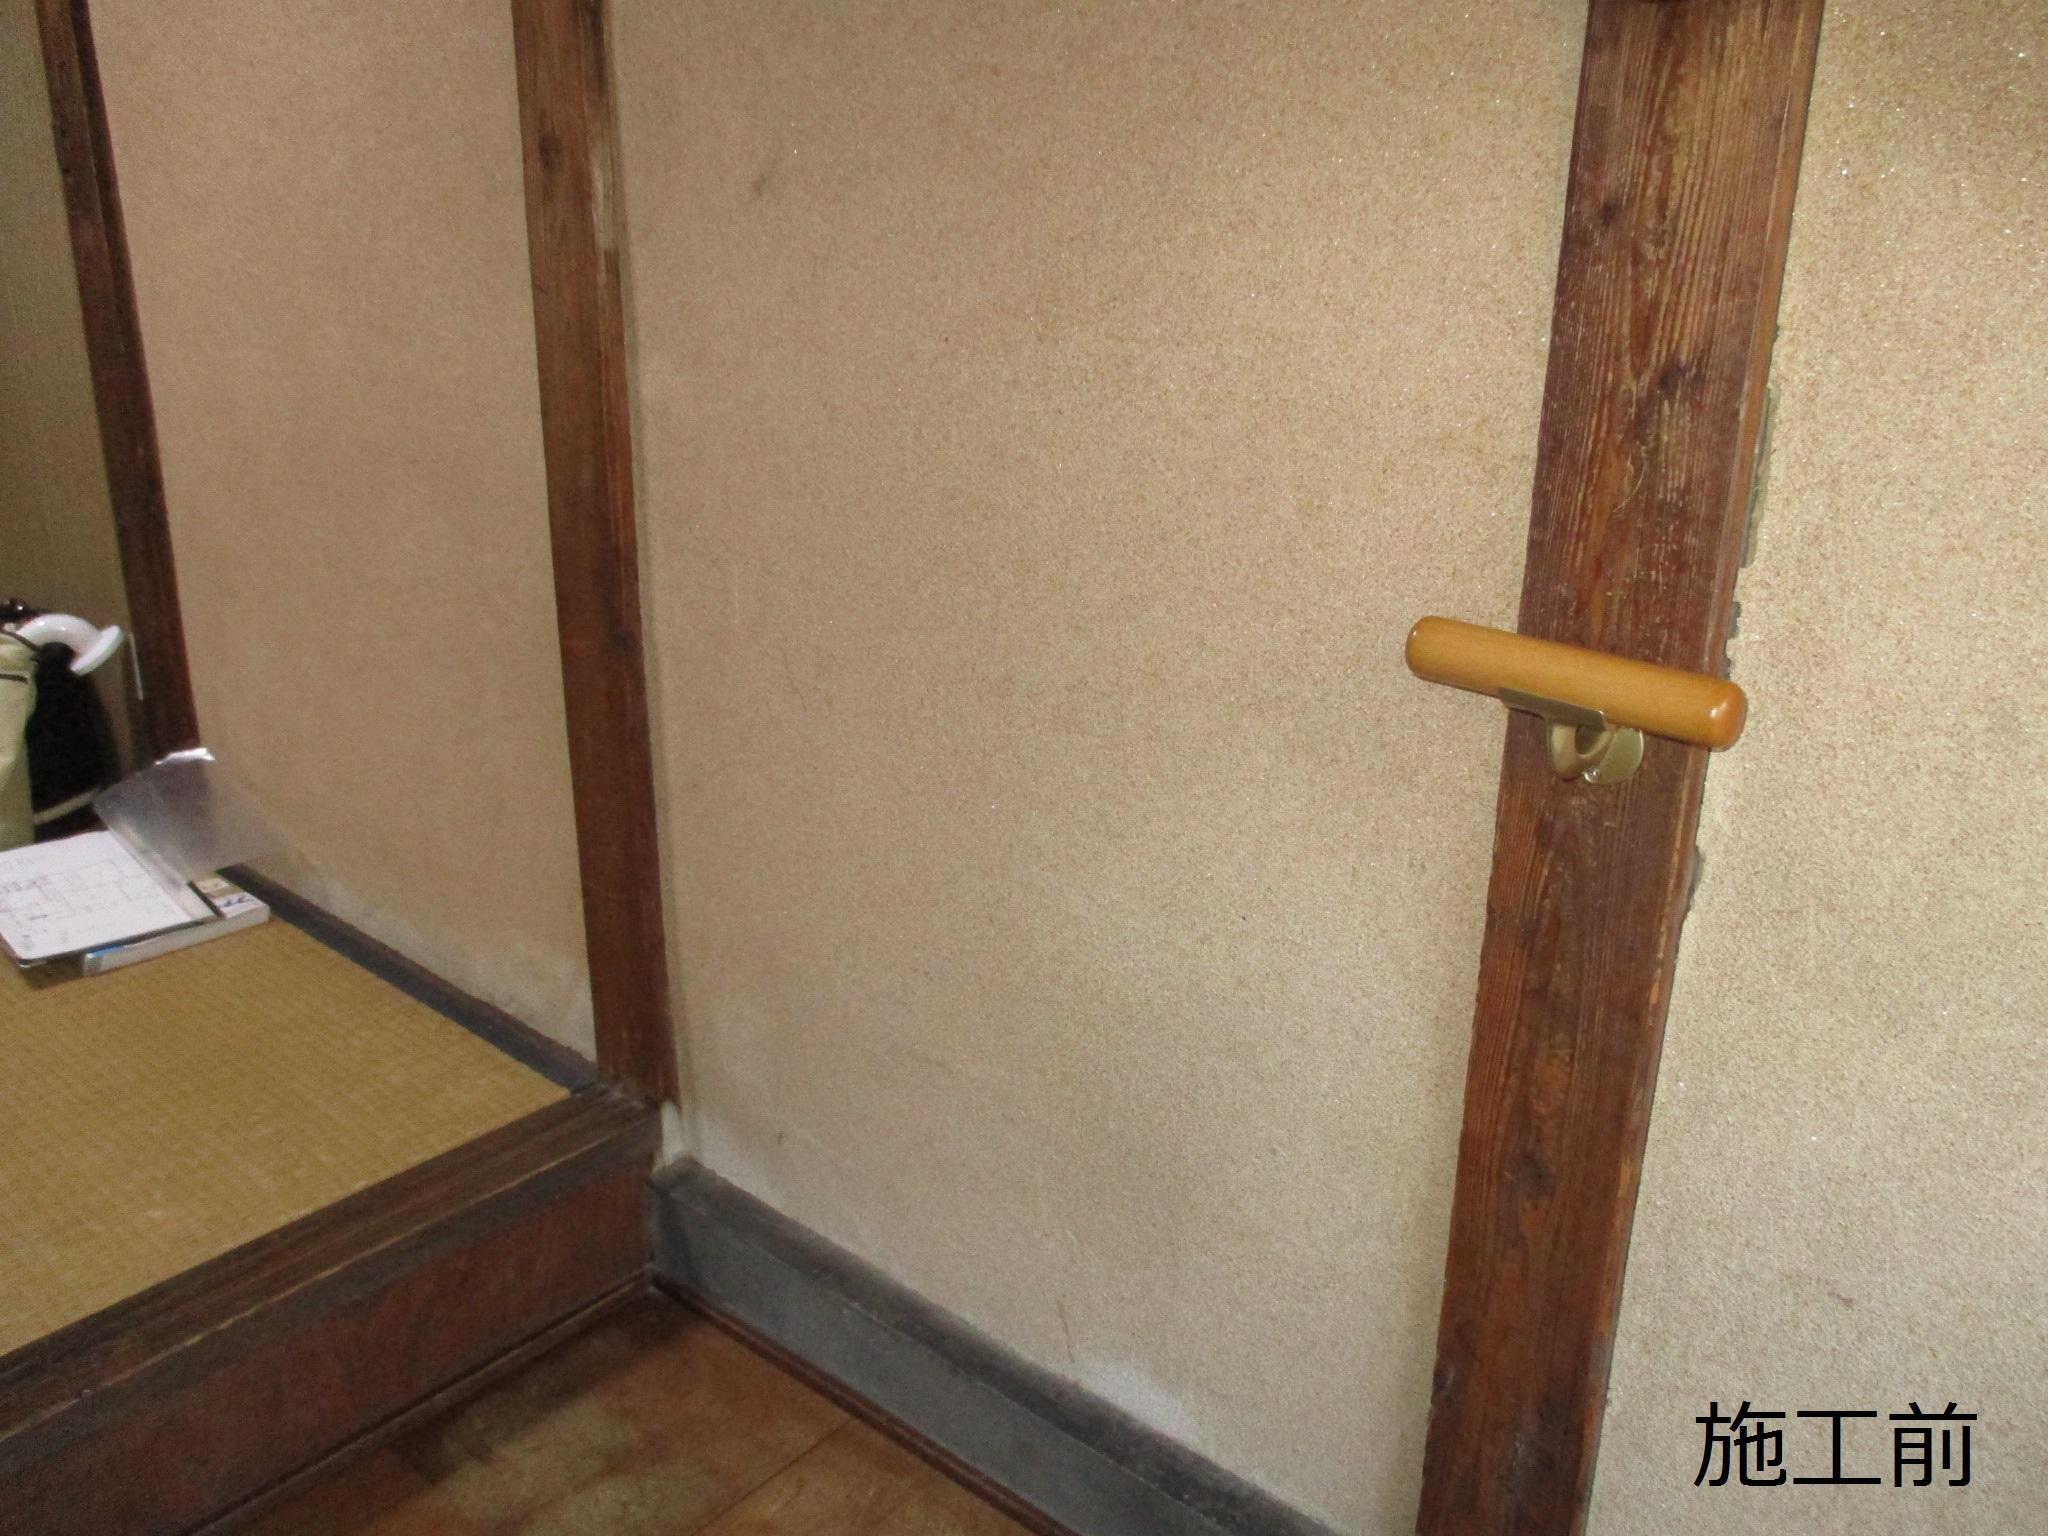 宝塚市 玄関手摺・踏み台設置工事イメージ02